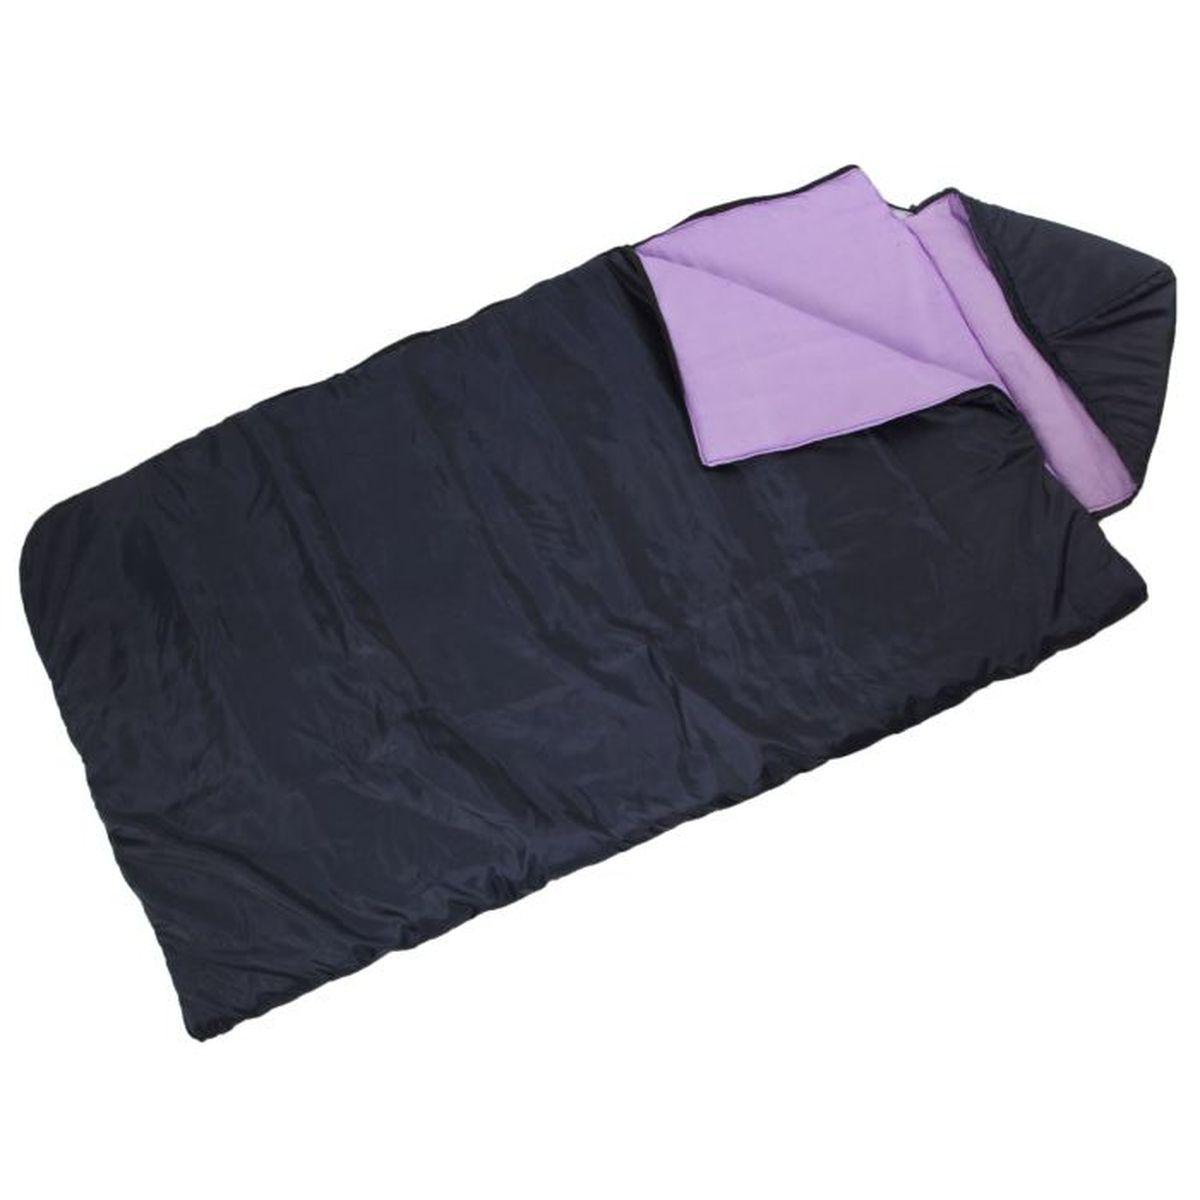 Спальный мешок Onlitop Престиж, увеличенный, цвет: черный, фиолетовый, правосторонняя молния. 13440281344028Комфортный, просторный и очень теплый 3-х сезонный спальник предназначен для походов и для отдыха на природе не только в летнее время, но и в прохладные дни весенне-осеннего периода. В теплое время спальный мешок можно использовать как одеяло (в том числе и дома).